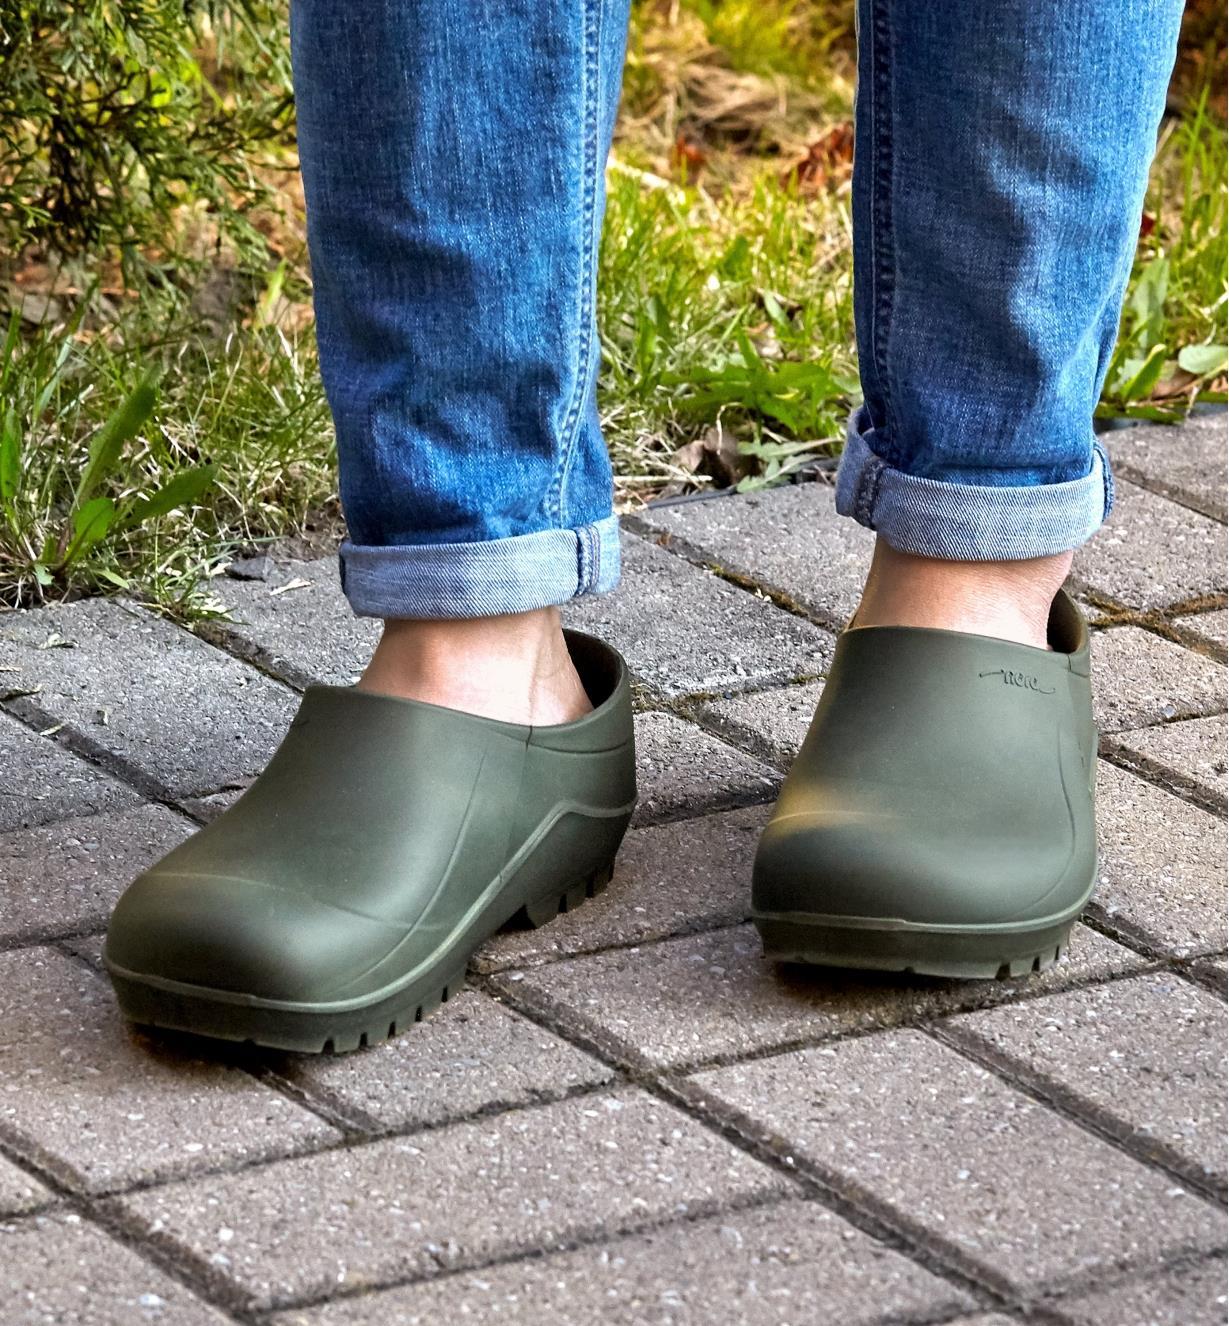 A person wearing European garden clogs